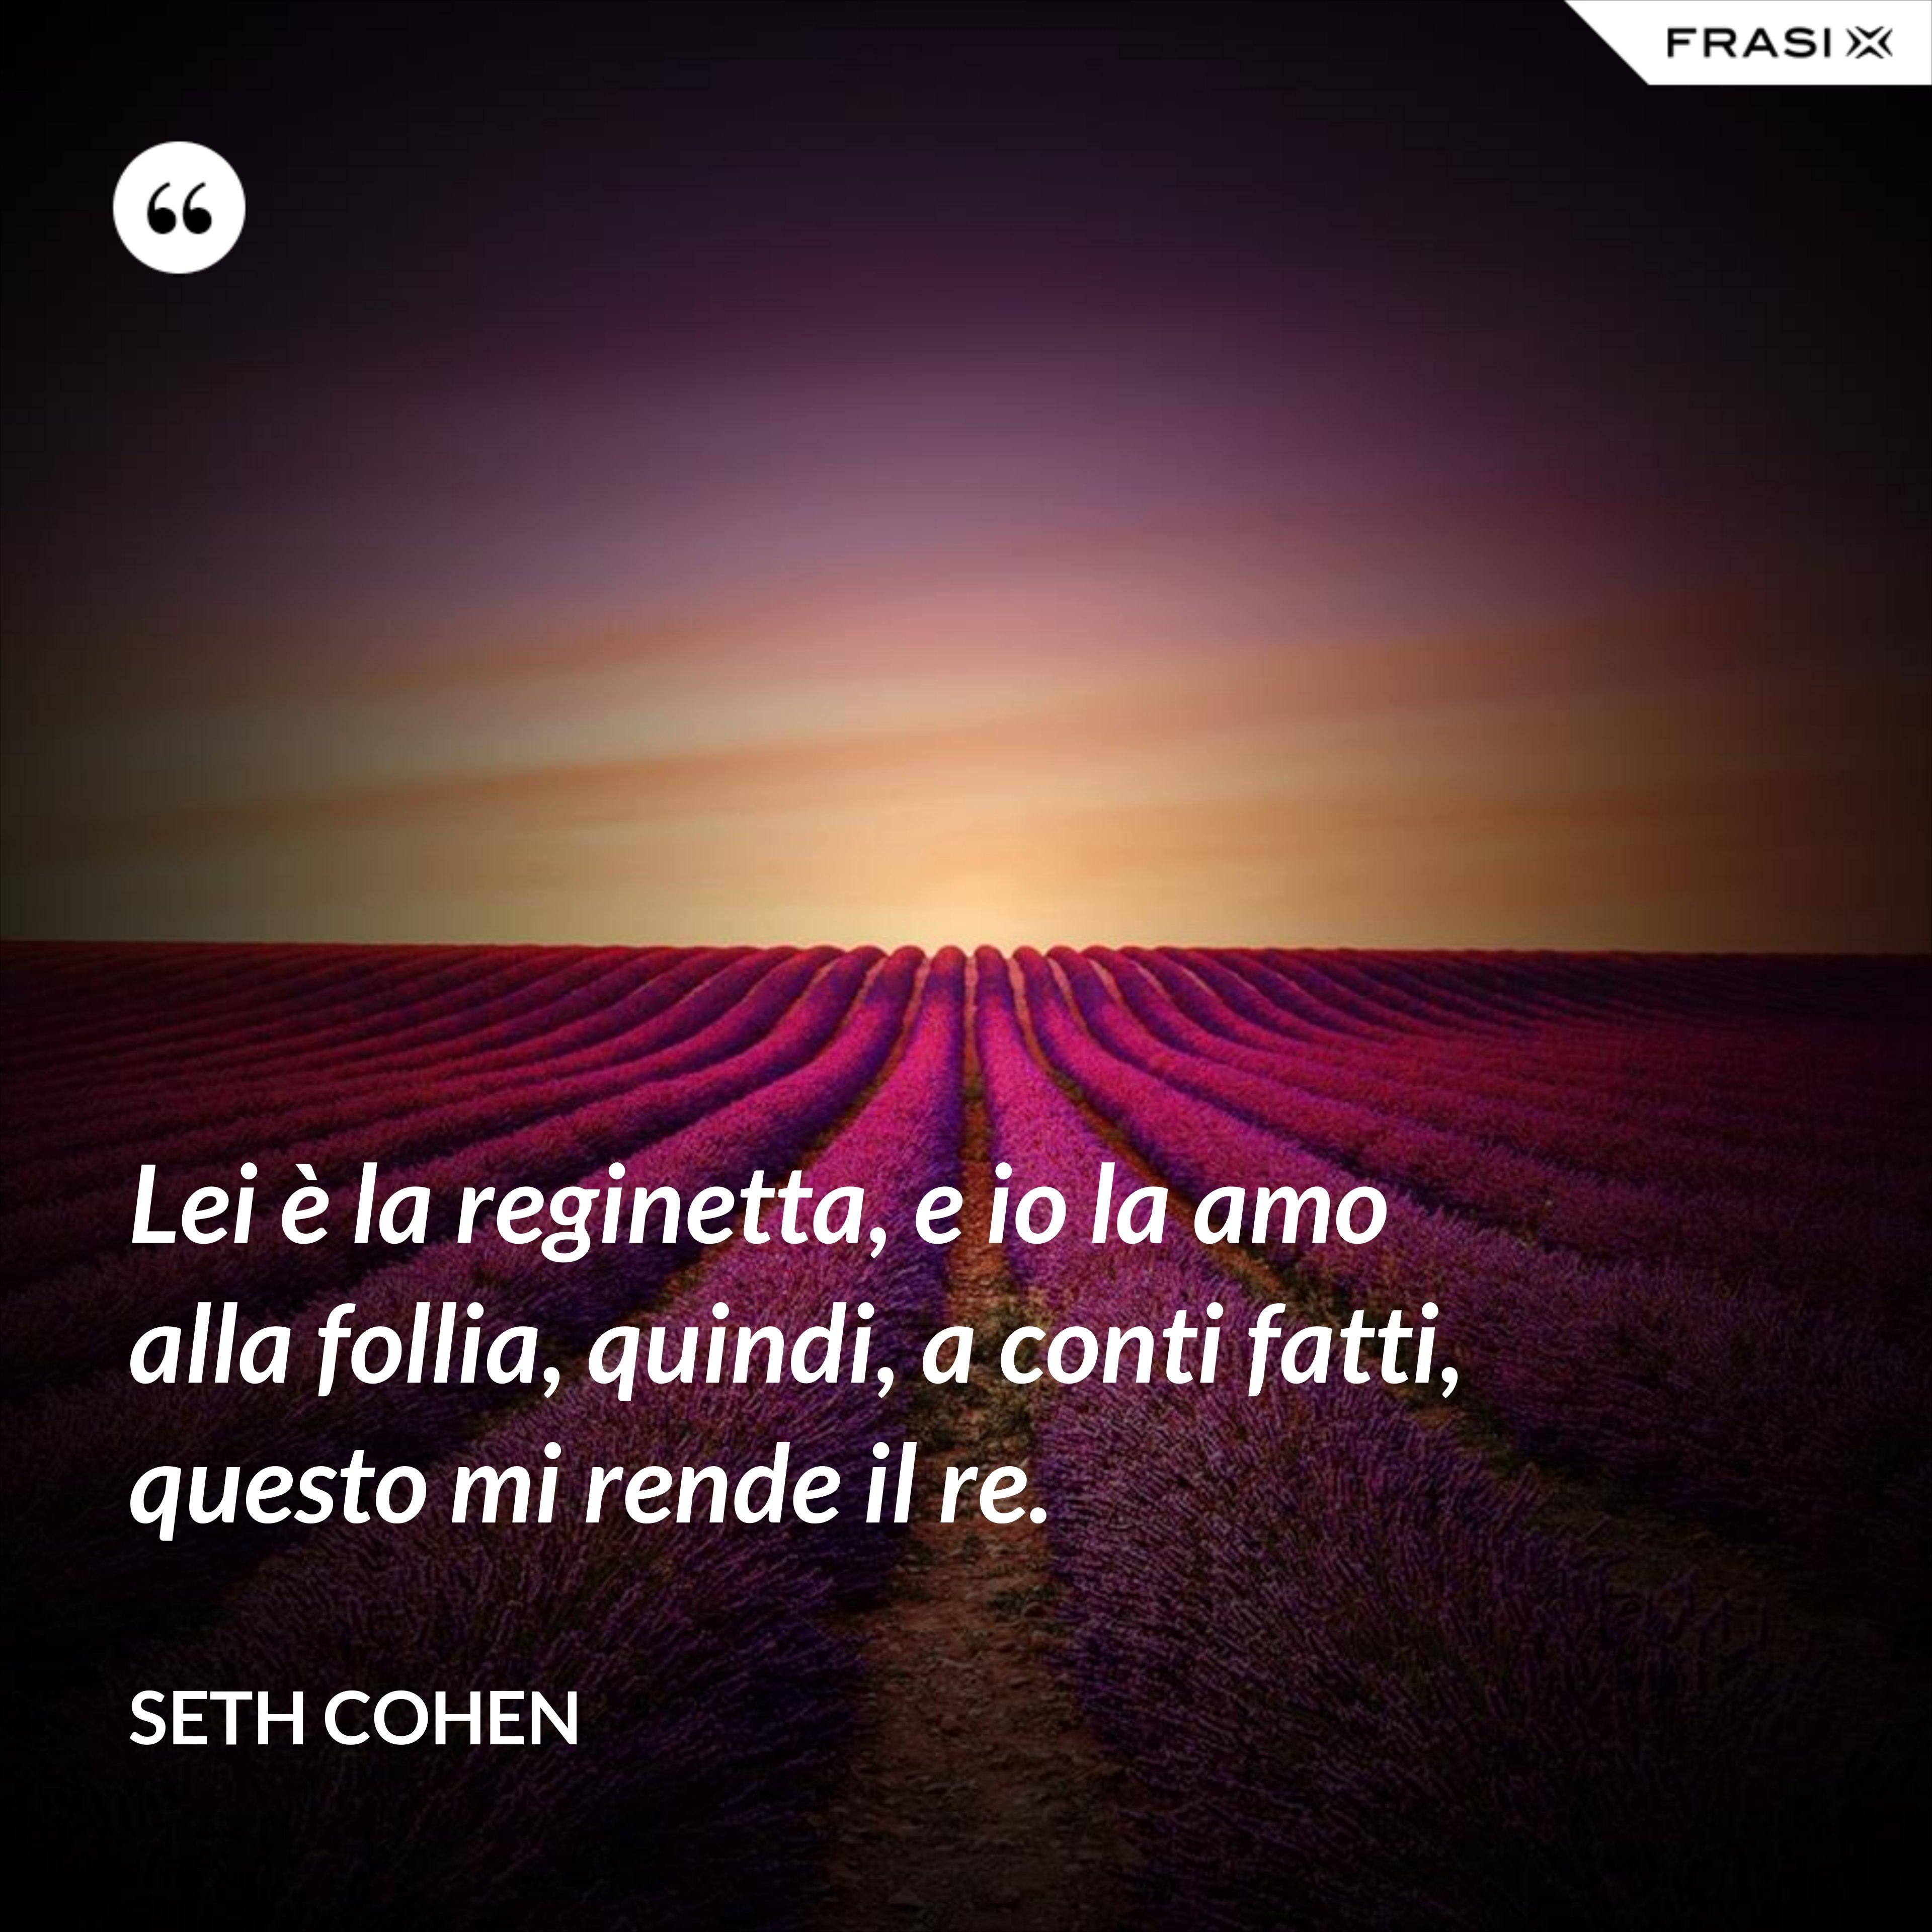 Lei è la reginetta, e io la amo alla follia, quindi, a conti fatti, questo mi rende il re. - Seth Cohen